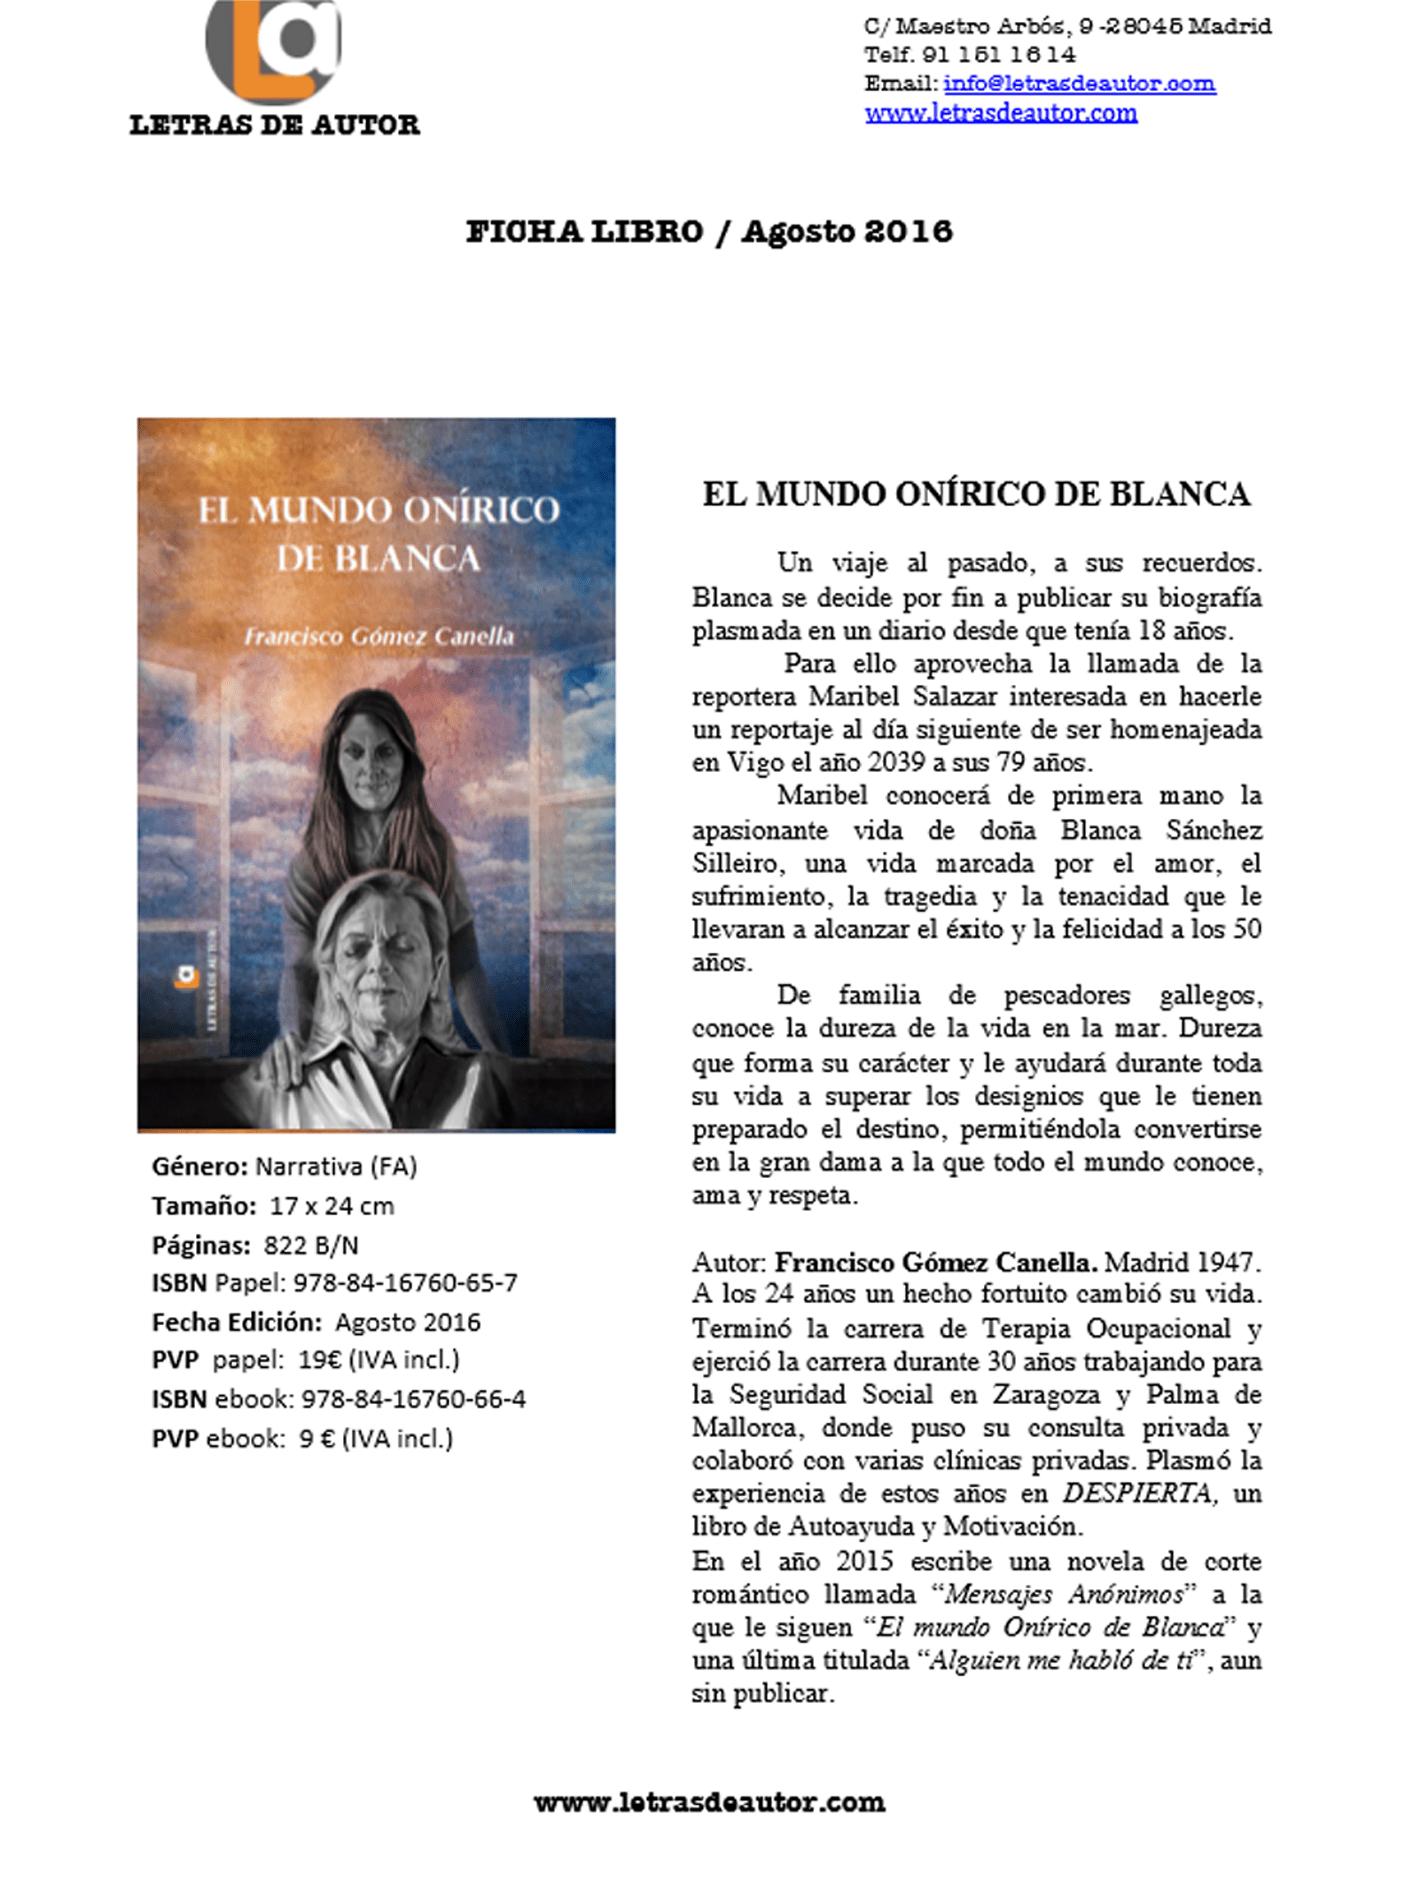 FICHA-EL-MUNDO-ONÍRICO-DE-BLANCA..